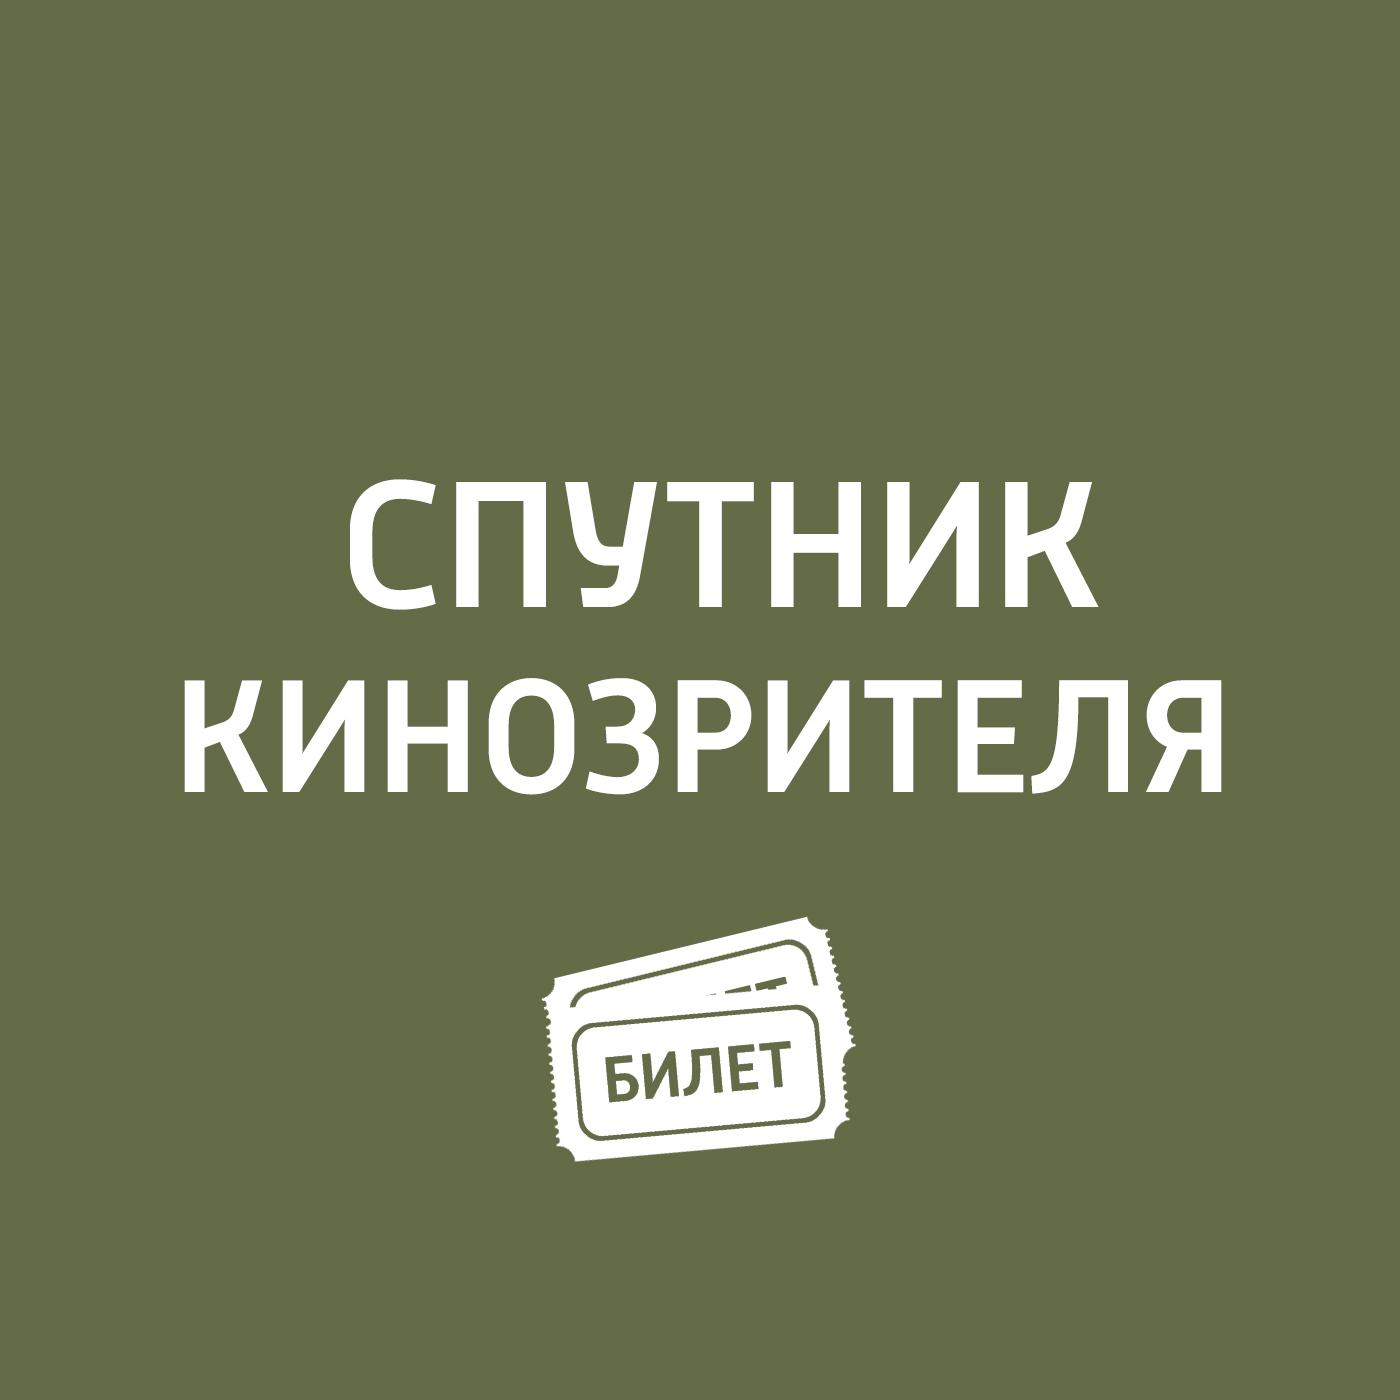 Антон Долин Итоги премии Оскар 2017 антон долин итоги премии оскар 2018